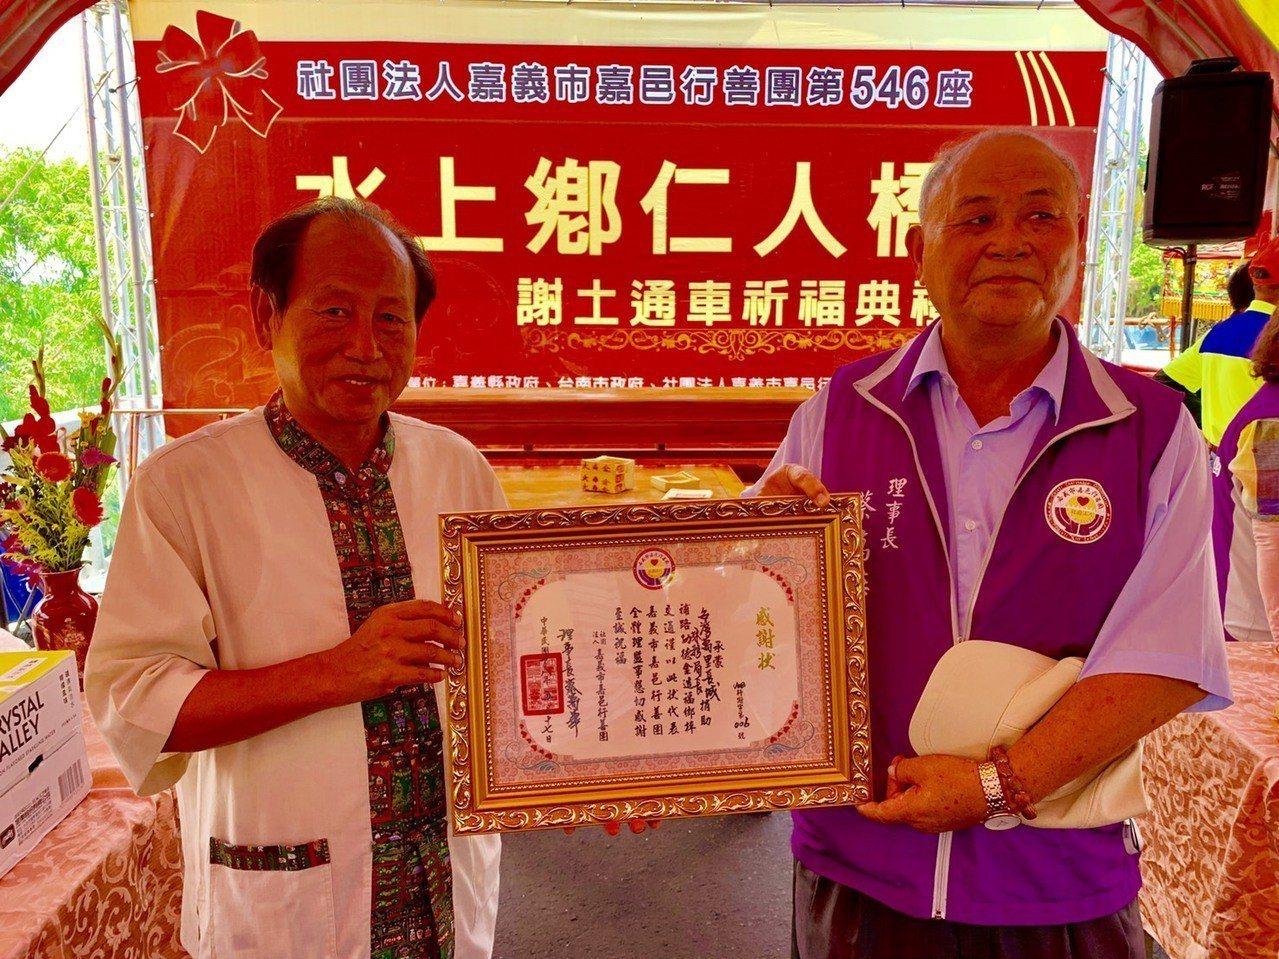 嘉邑行善團蔡萬華(右)發感謝狀給白河萬里長城董事長林士榮(左)。記者謝進盛/攝影